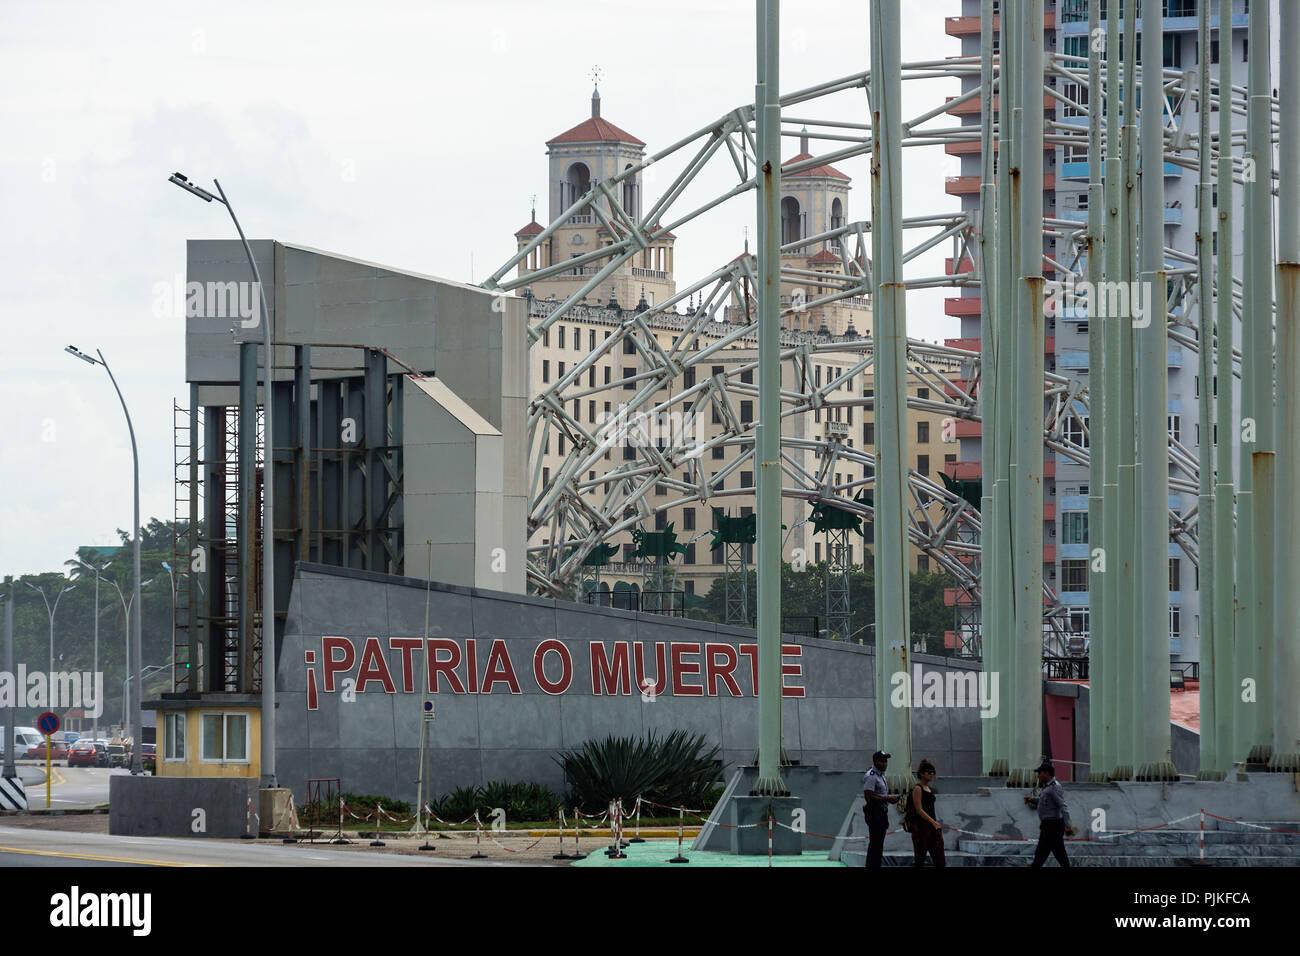 Cuba, Havana, La Rampa, José Martí Anti-Imperialist Platform, lettering 'Patrio o Muerte' (Fatherland or Death) - Stock Image